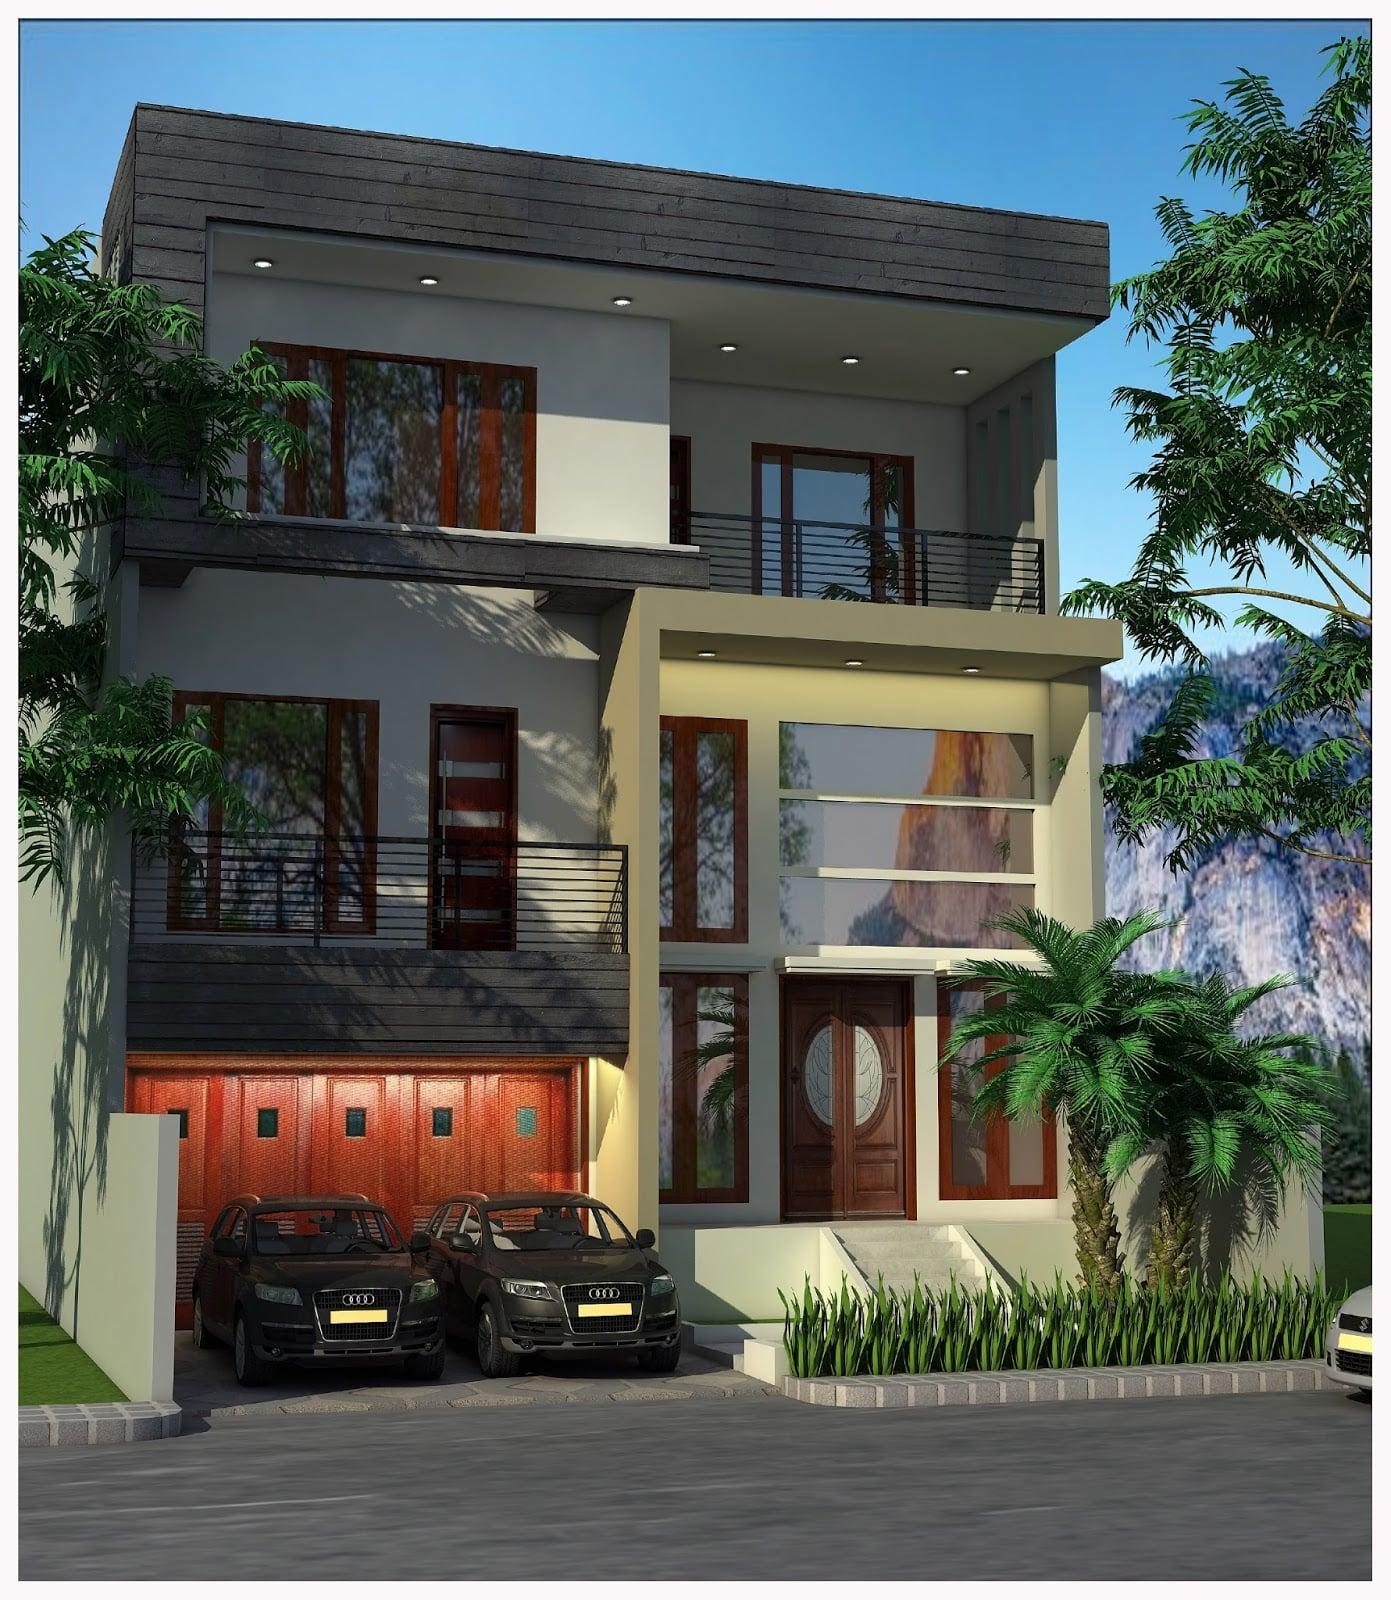 49 Foto Desain Rumah 3 Lantai Minimalis Modern Paling ...